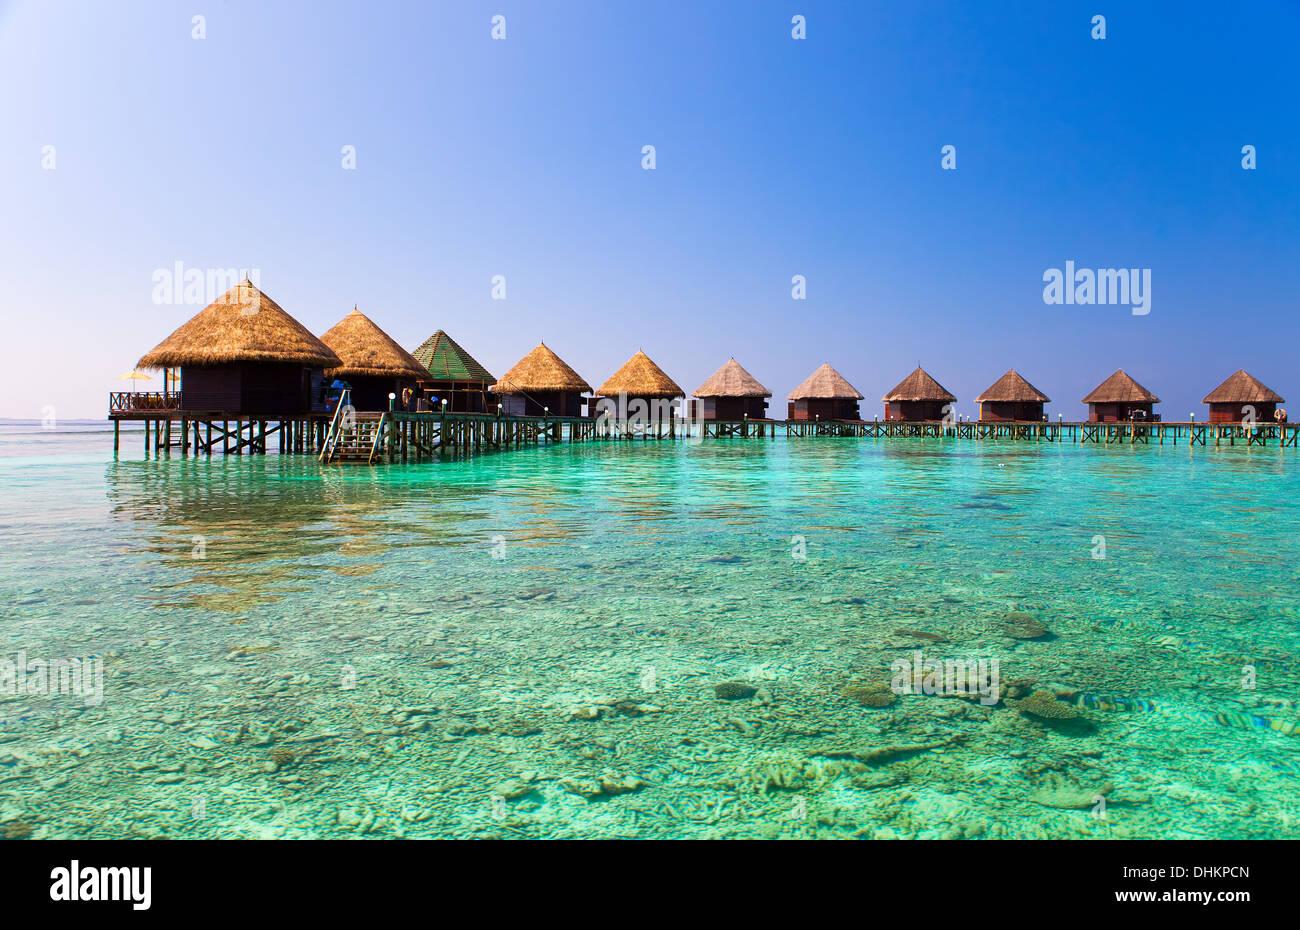 Maldives.   Villa on piles on water - Stock Image